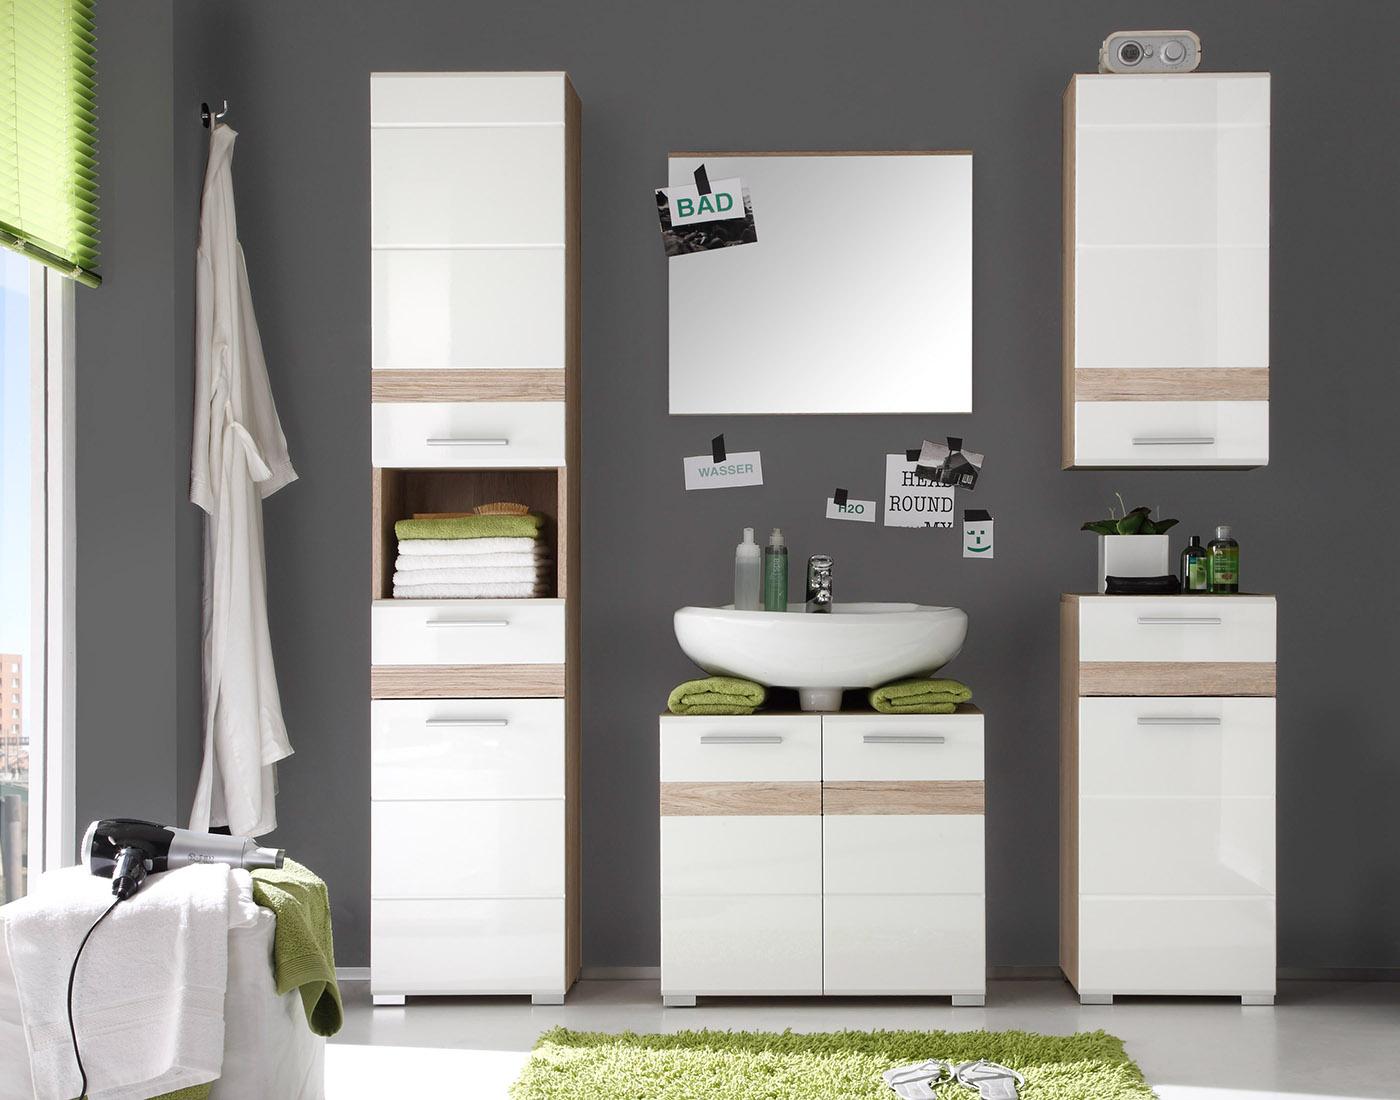 Badezimmer – Möbelpiraten